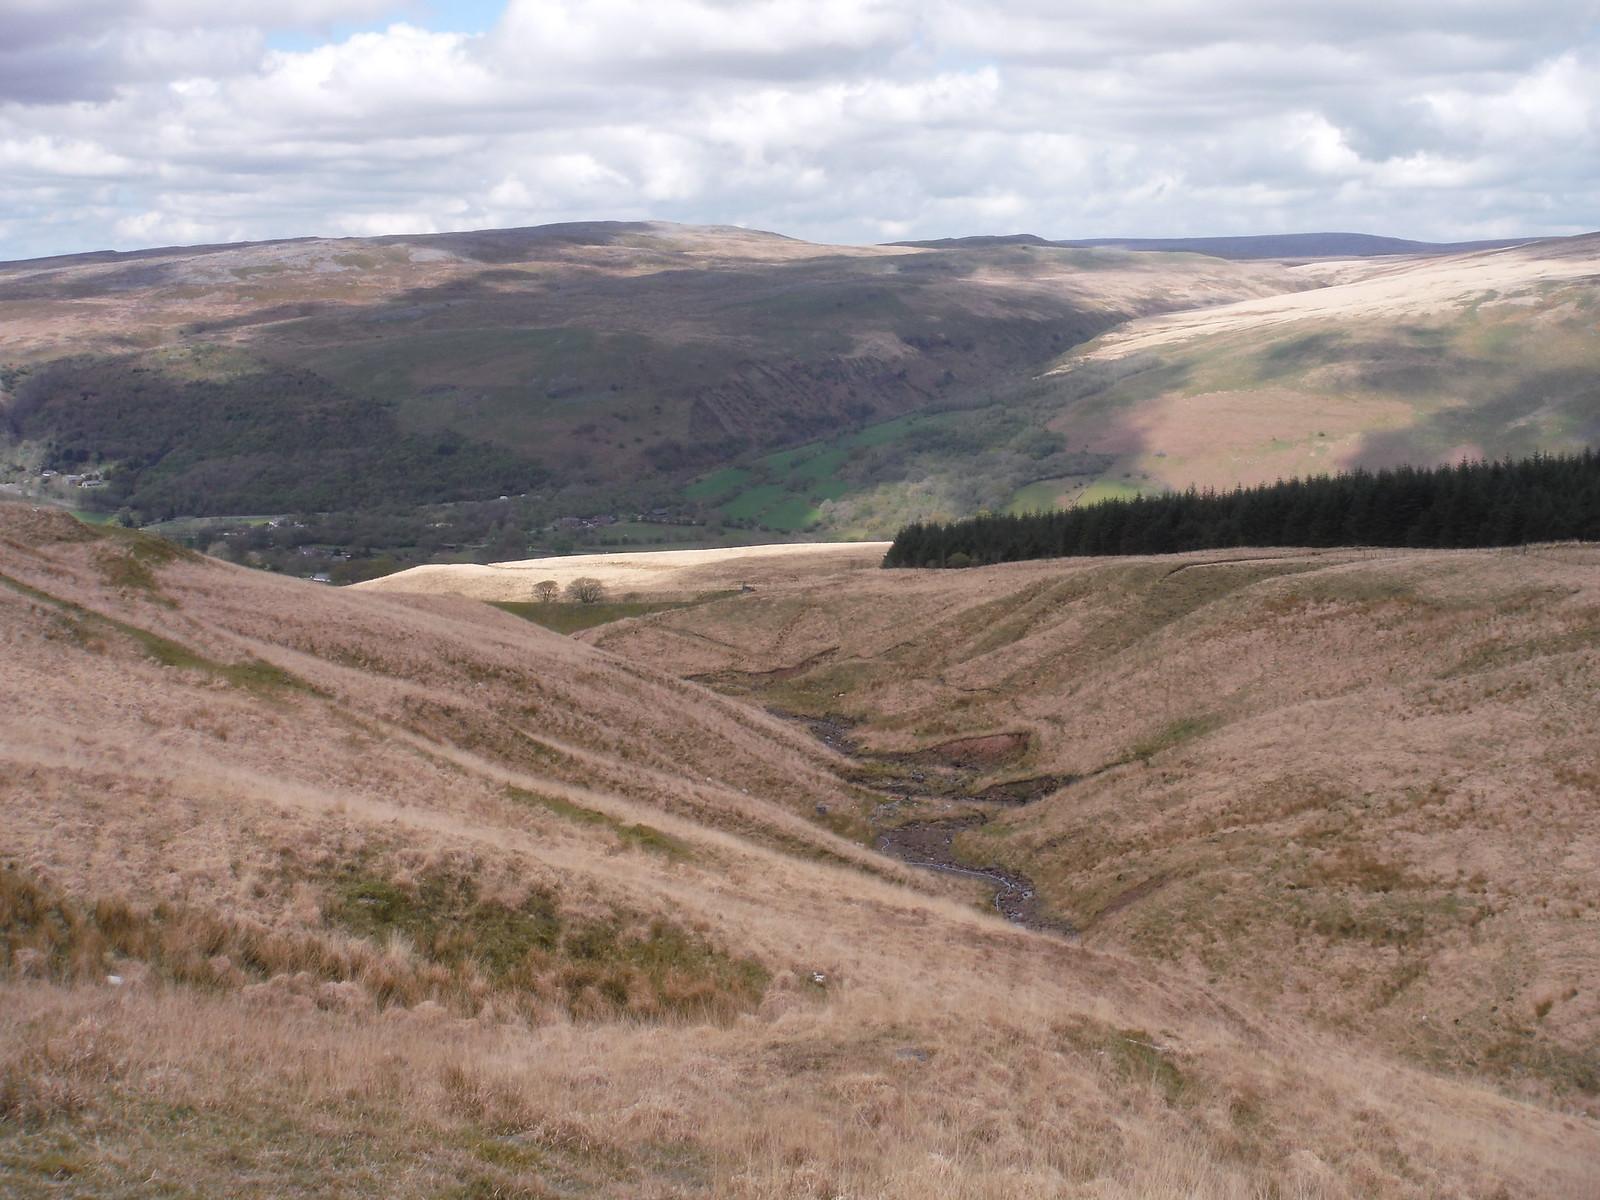 Glyntawe and Cwm Haffes SWC Walk 307 - Fforest Fawr Traverse (Craig y Nos to Llwyn-y-celyn)